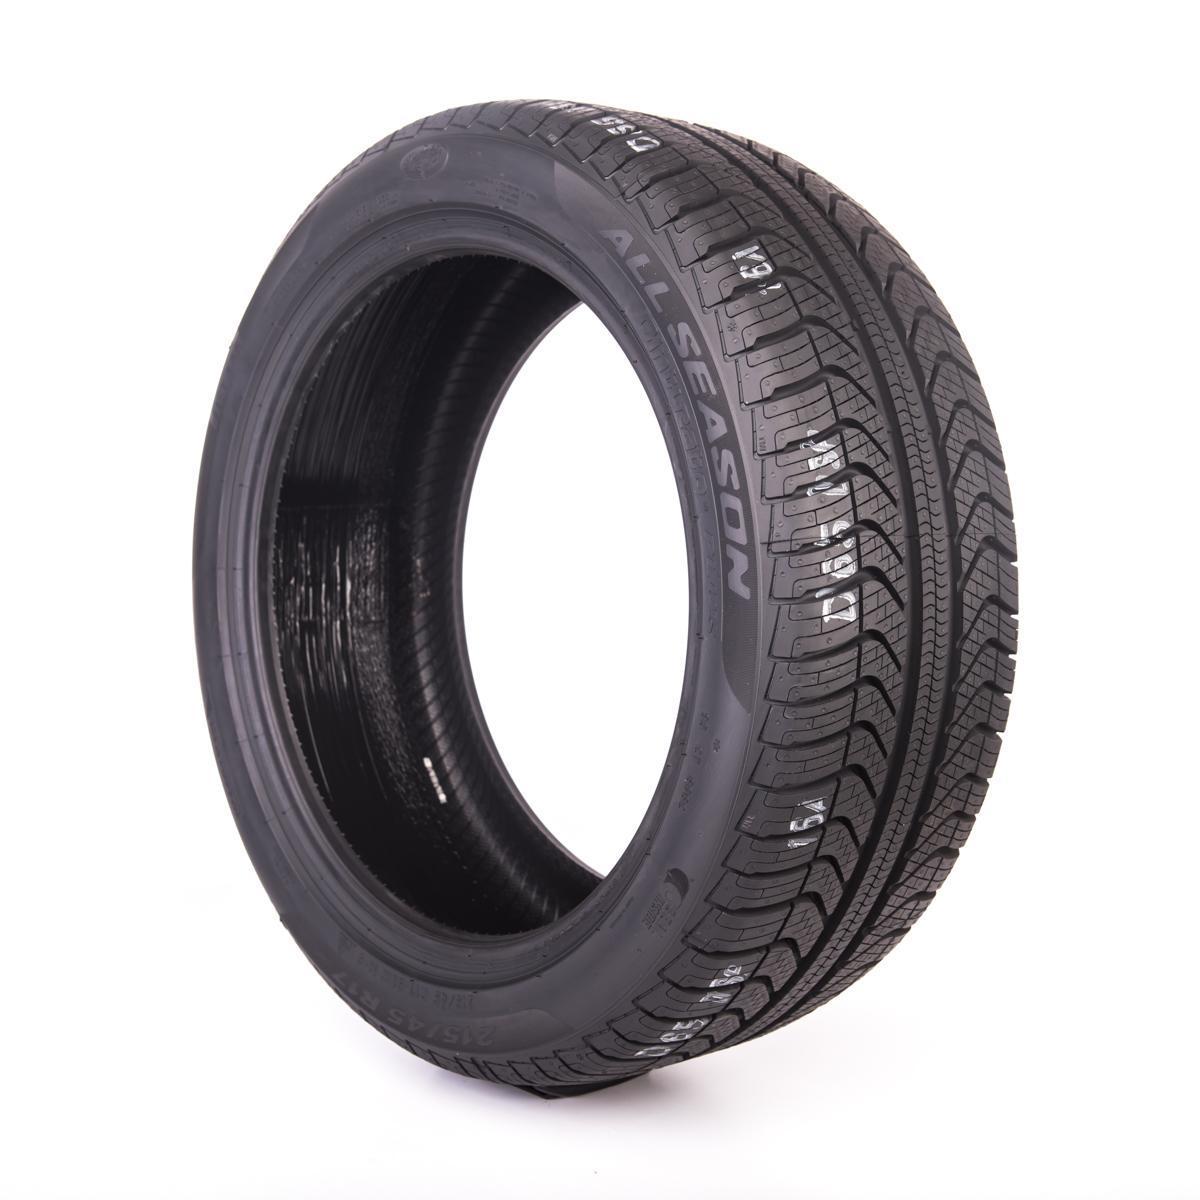 Pirelli, CINTURATO AS Allseason 112219